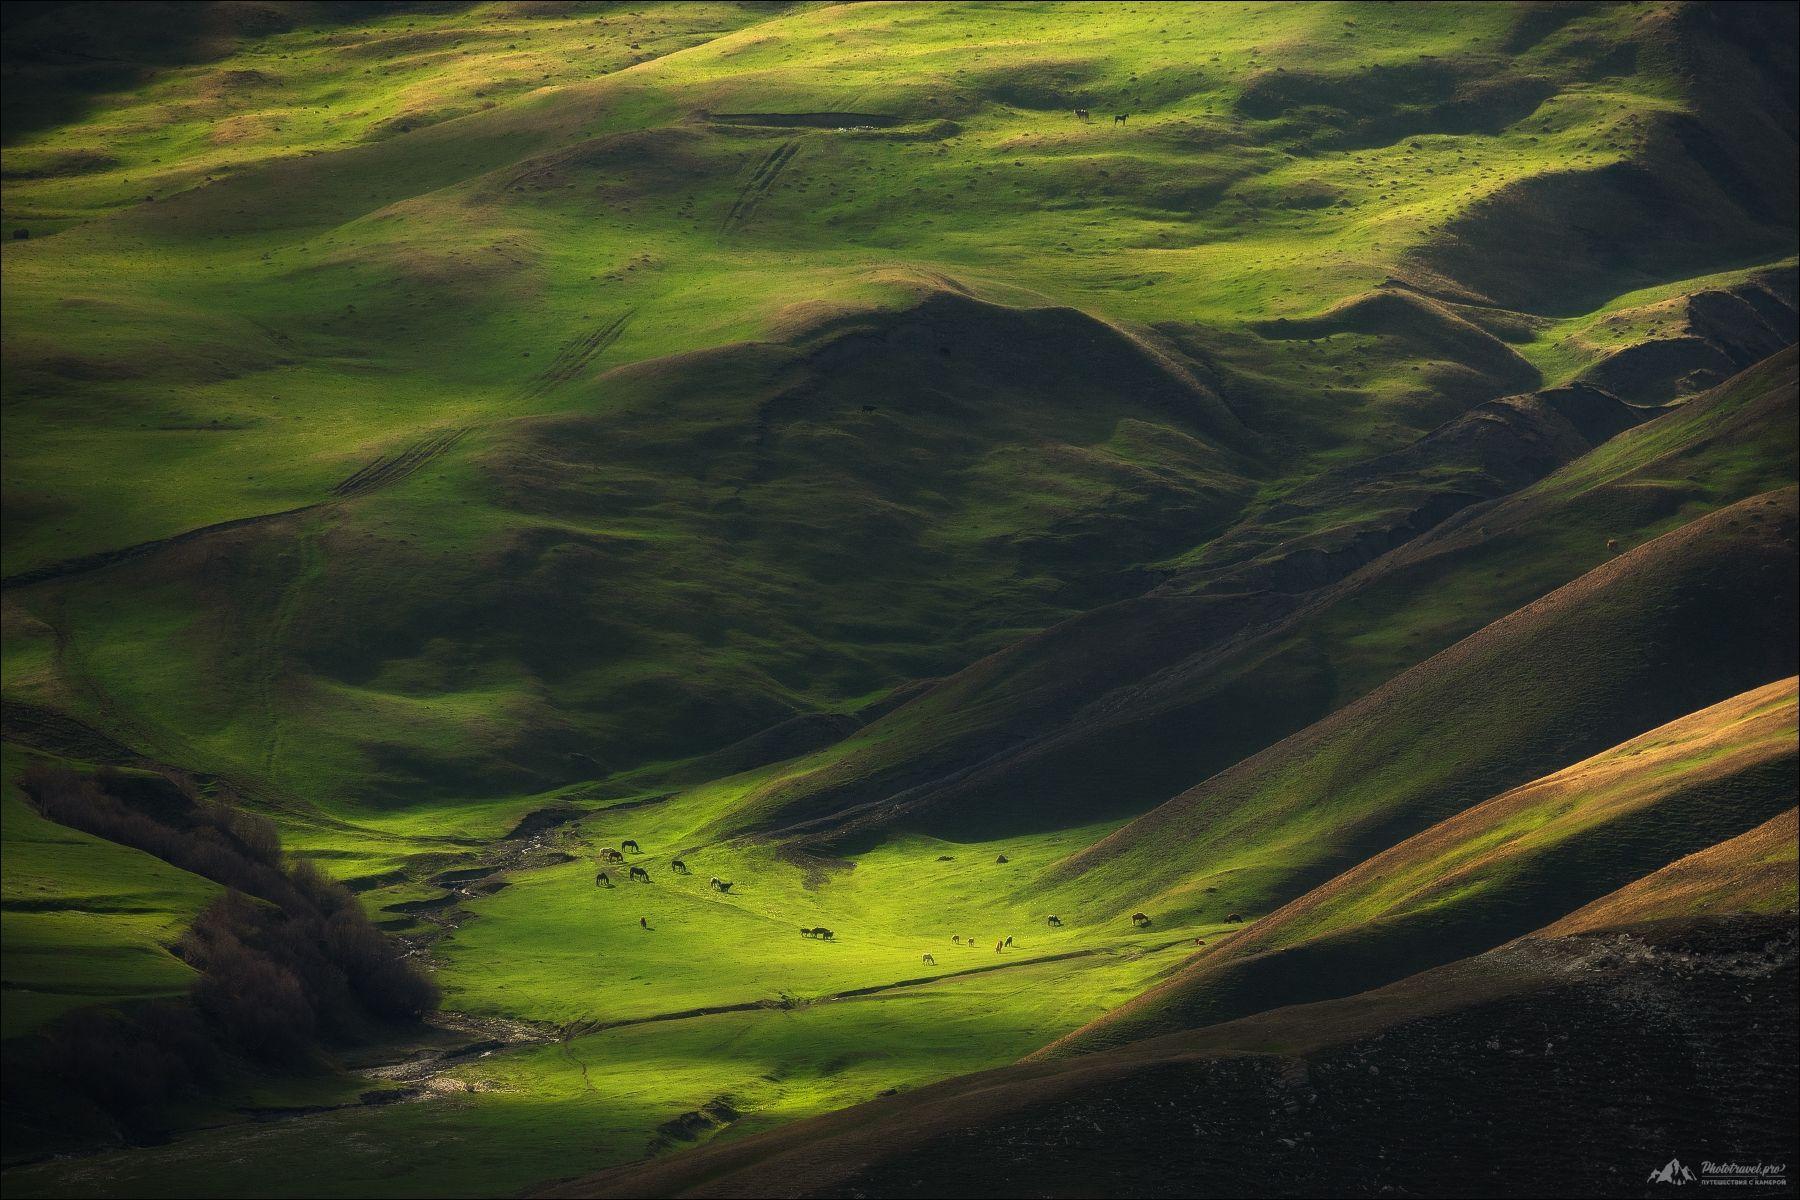 северный кавказ, чечня, дагестан, весна, Влад Соколовский